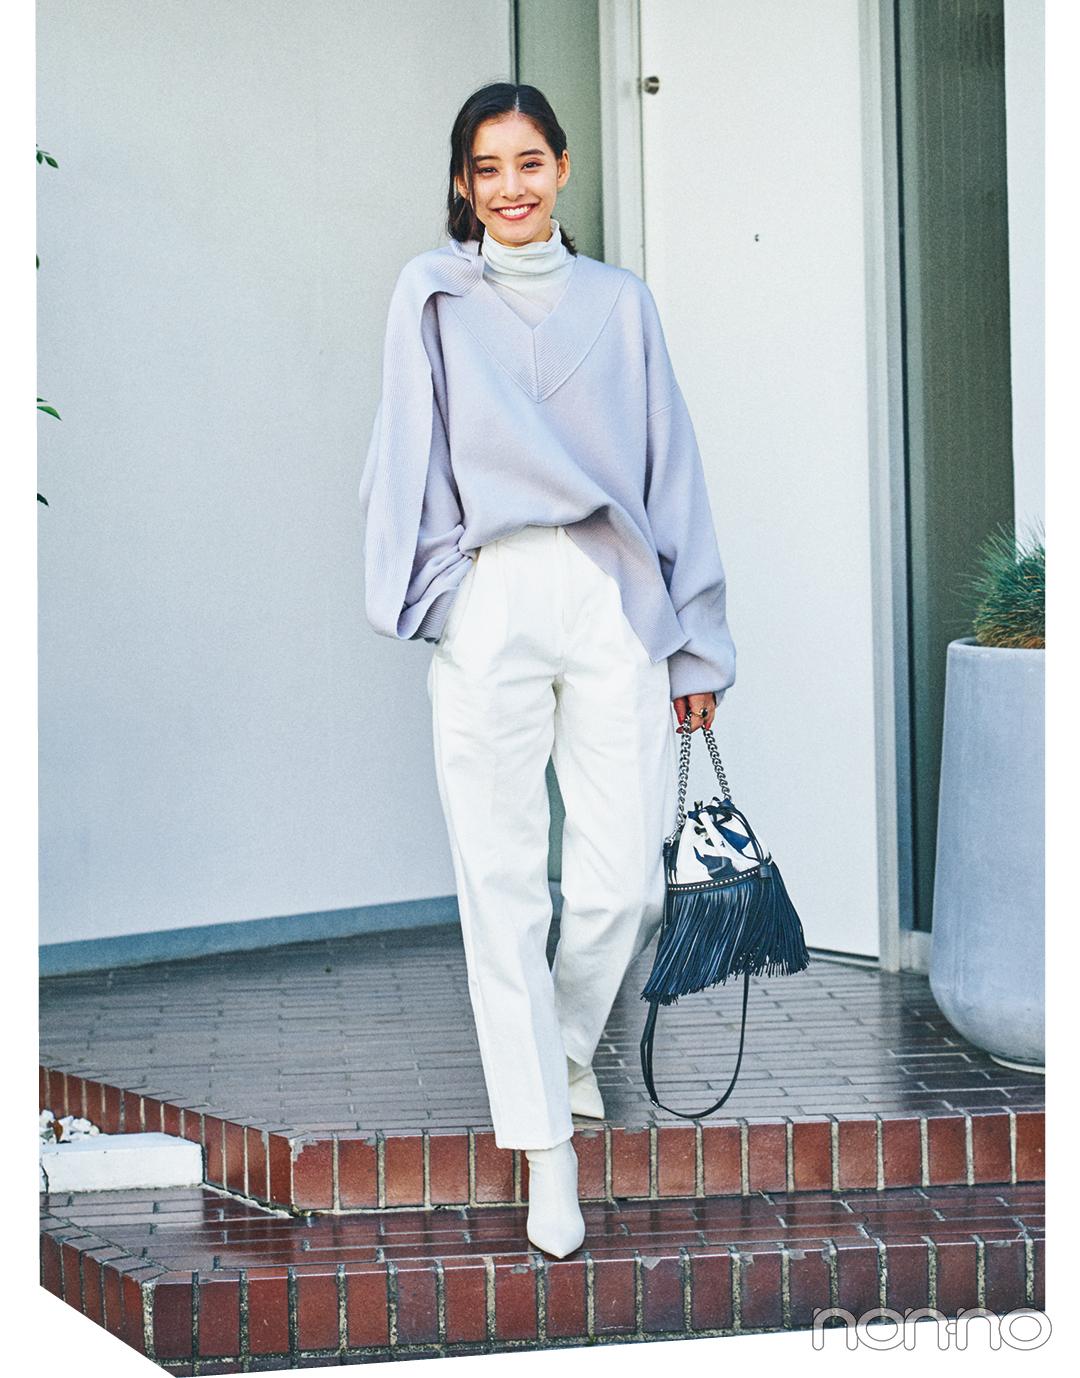 新木優子の冬私服♡ 今すぐマネしたい! ZARAなどお気に入りブランドで最新コーデを披露_1_5